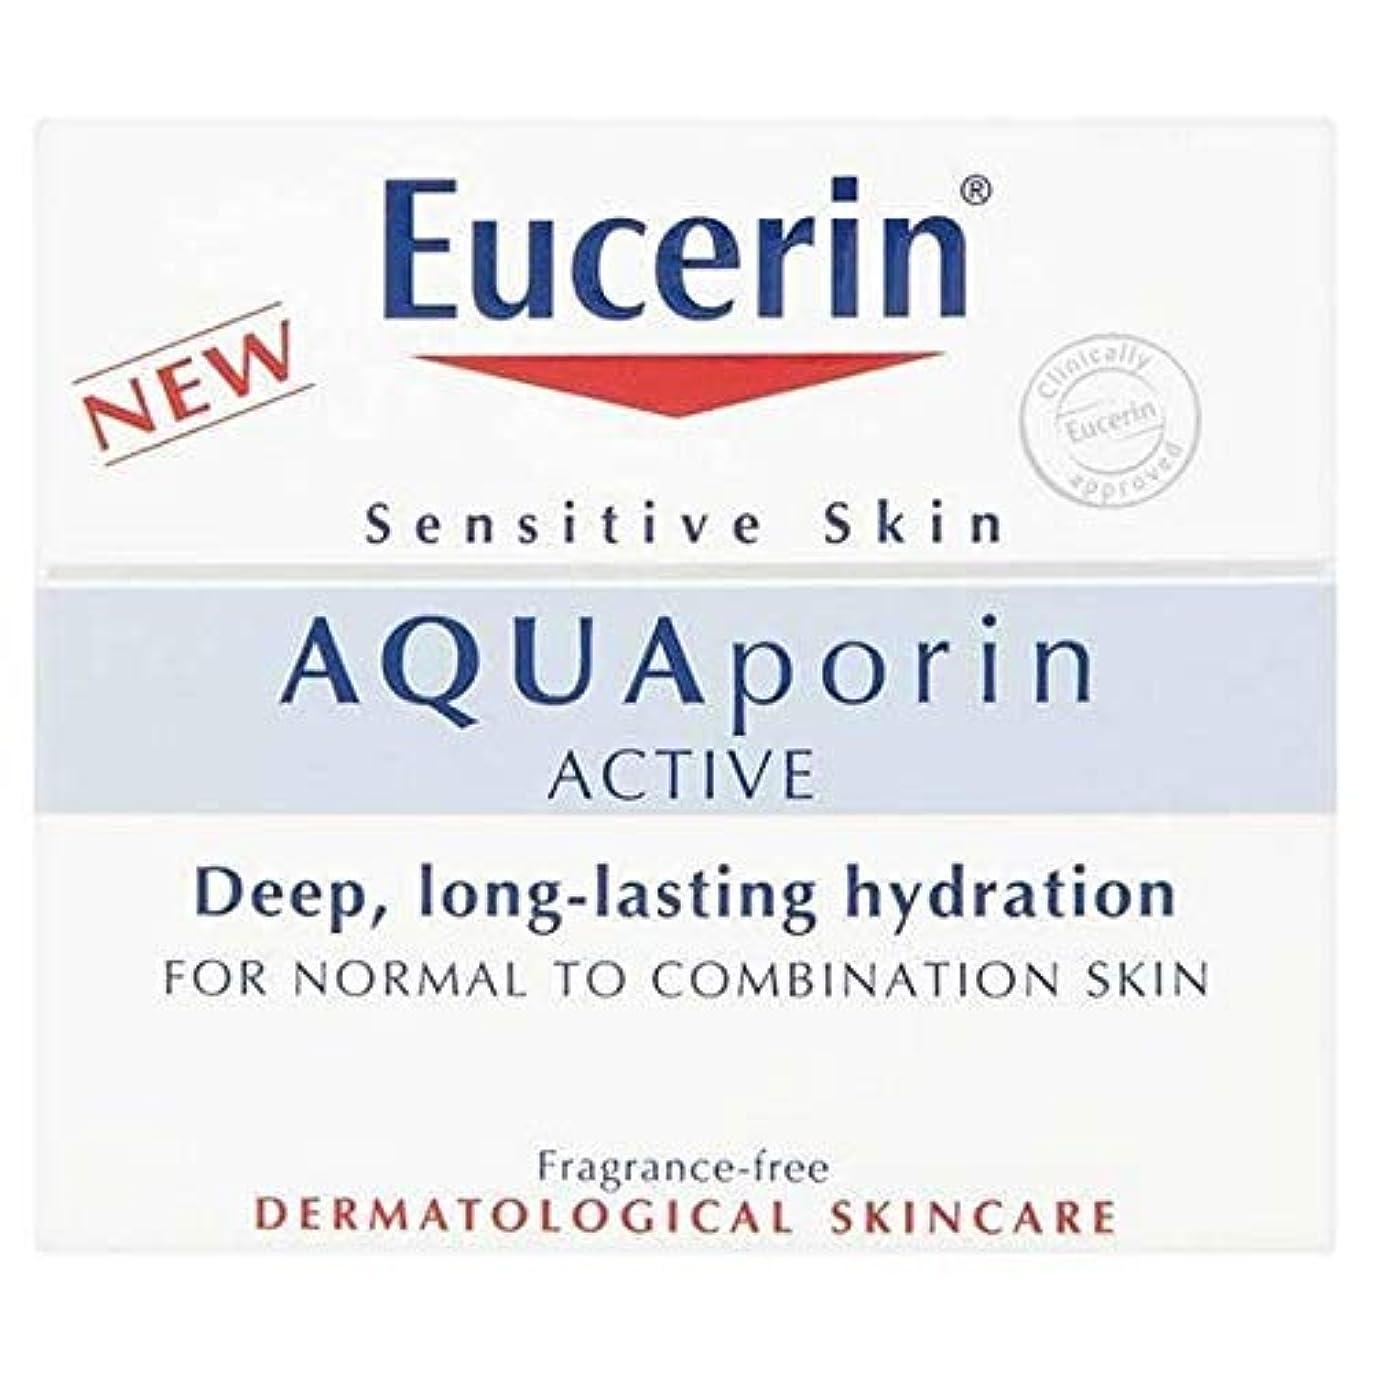 ナイロンあいにく背景[Eucerin ] ノーマル/櫛皮膚50ミリリットルのためのユーセリンアクアポリンアクティブ水和 - Eucerin Aquaporin Active Hydration for Normal/Comb Skin 50ml...